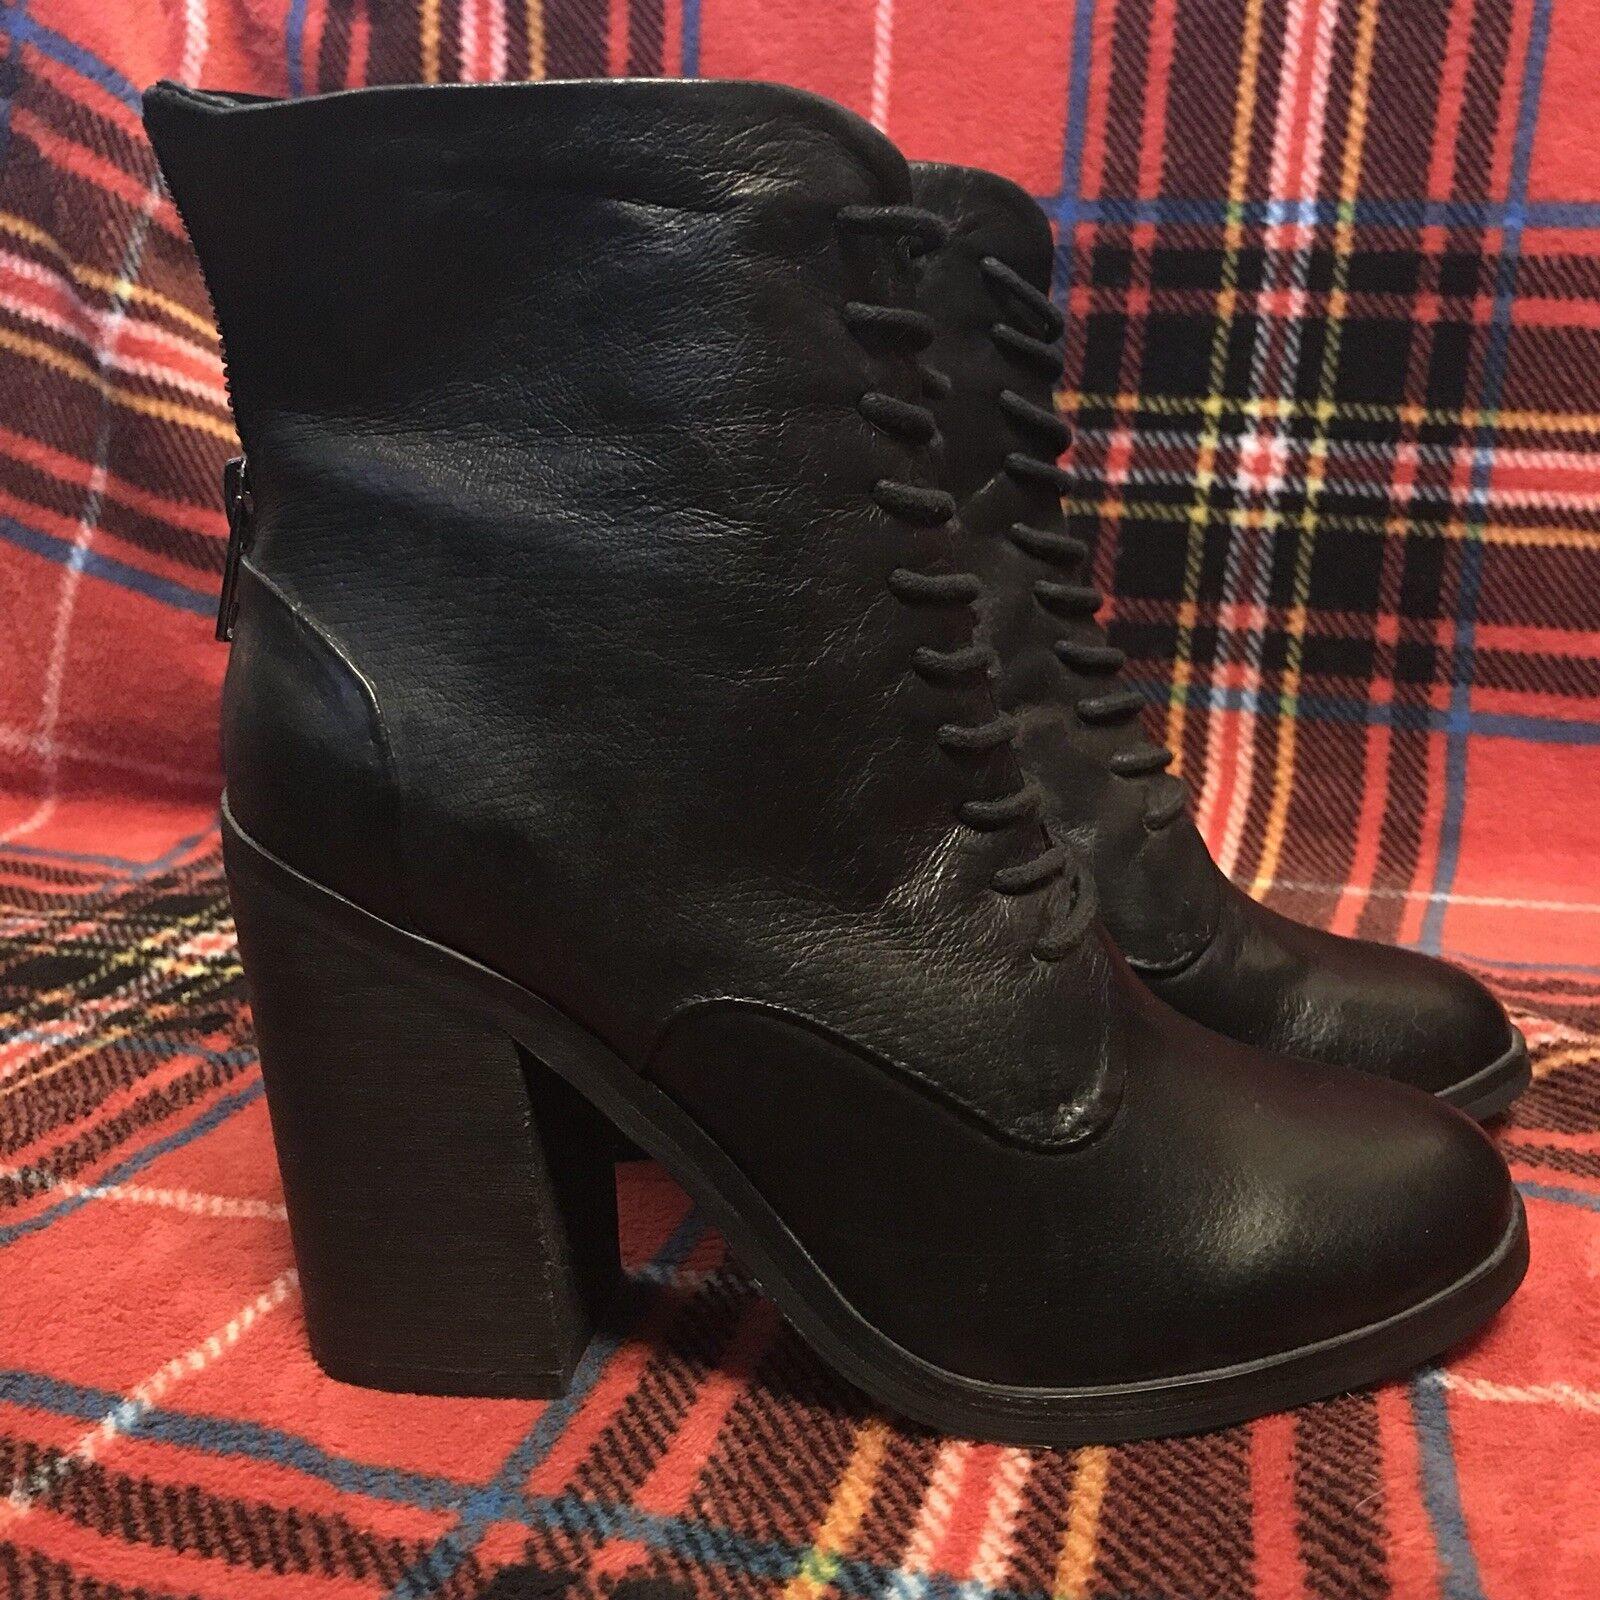 zapatosmint Erin con cordones al tobillo Botines De De De Cuero Negro Talla 7.5  Hay más marcas de productos de alta calidad.